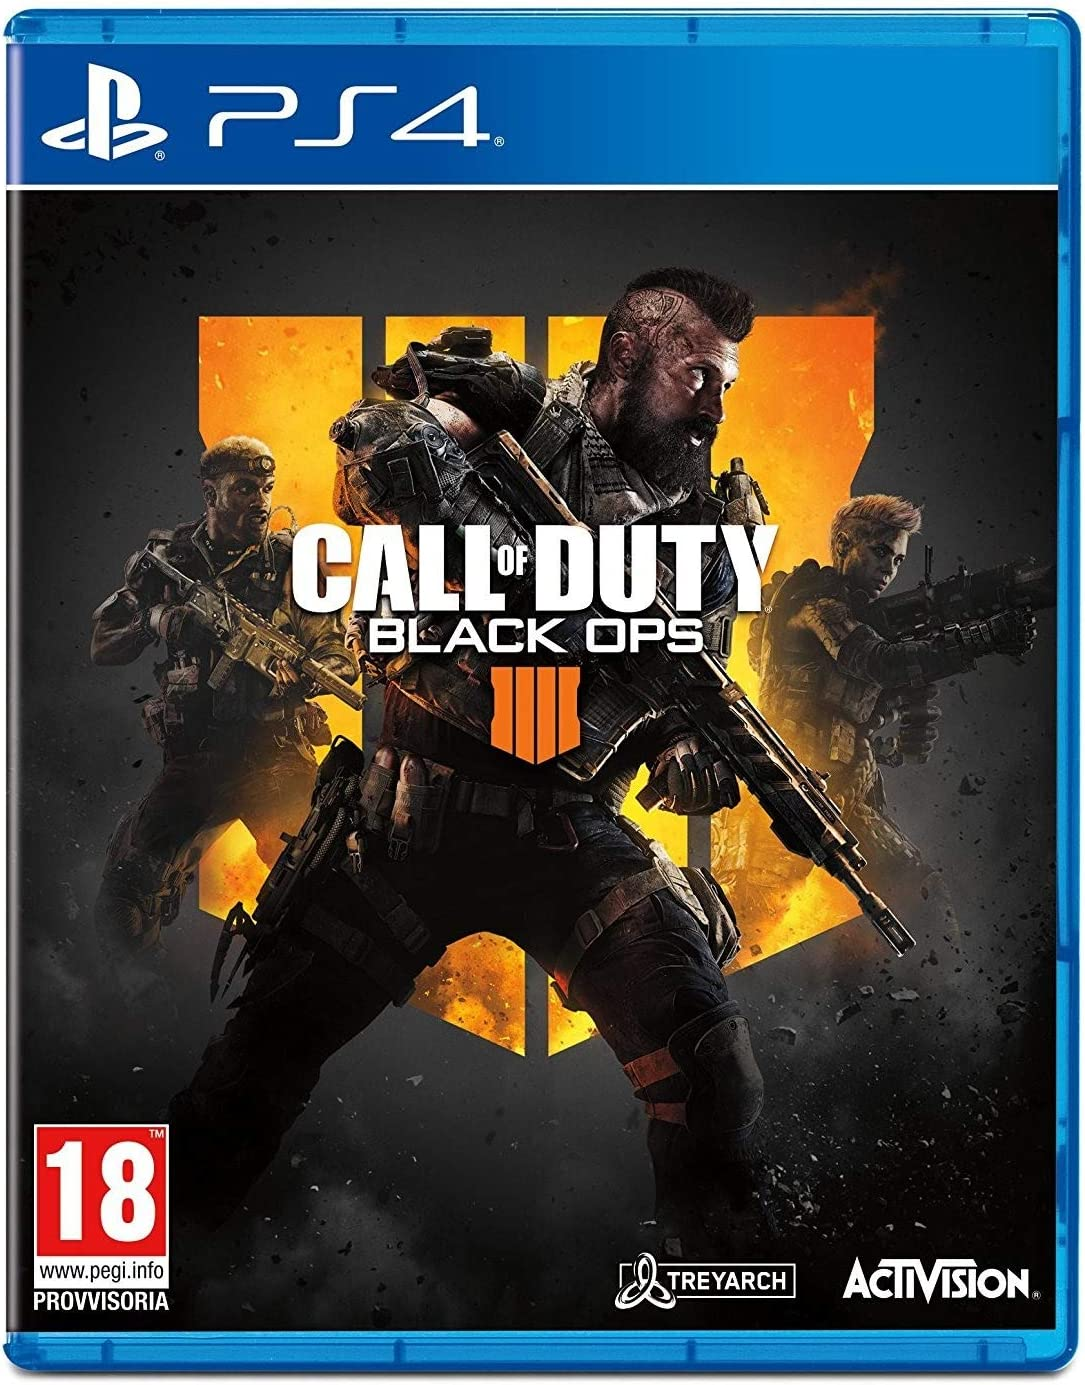 Call of Duty: Black Ops IIII: Amazon.es: Videojuegos